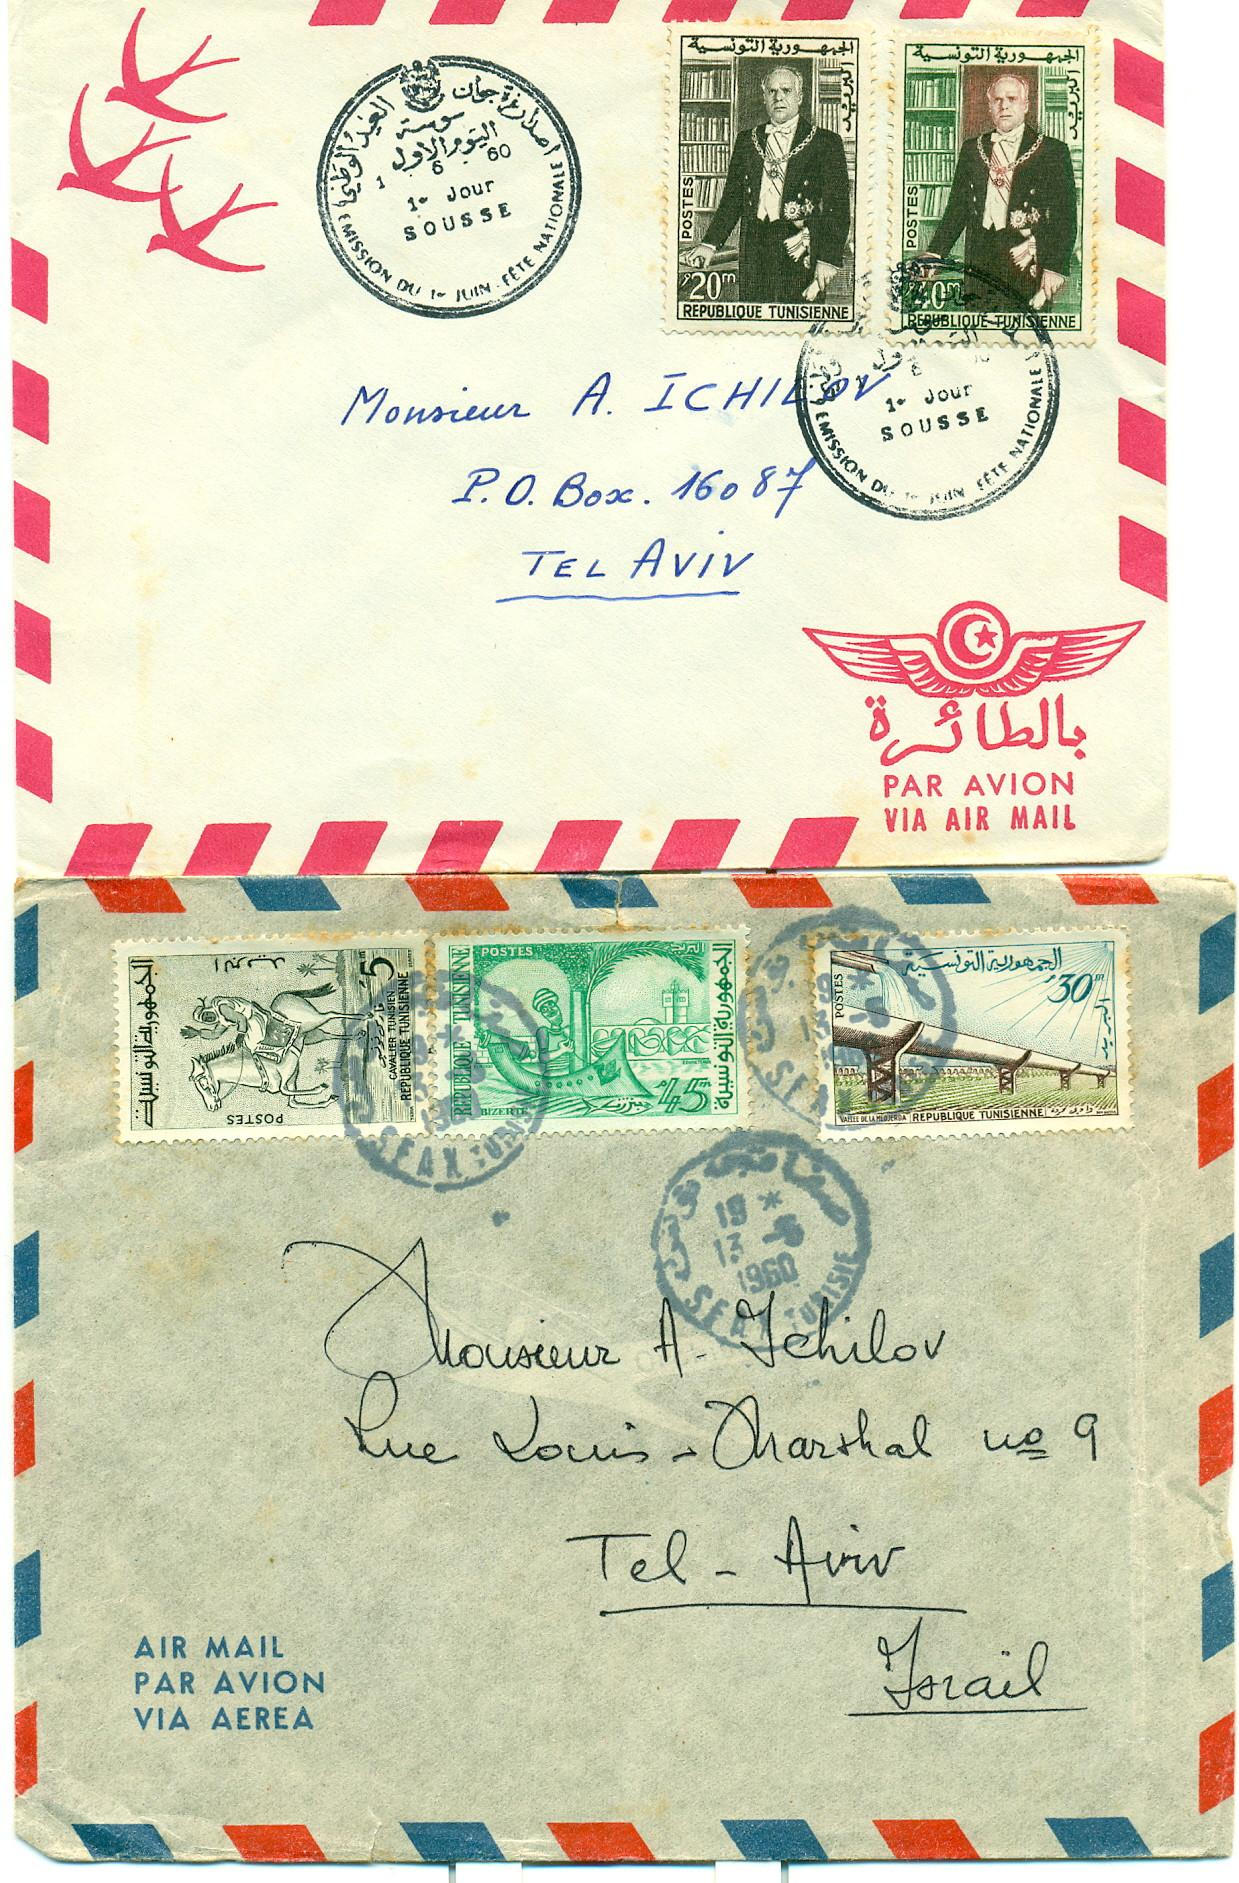 2x 1960 דואר אוויר מתוניסיה לישראל מראש לפני 1961 ניתוק יחסי הדואר